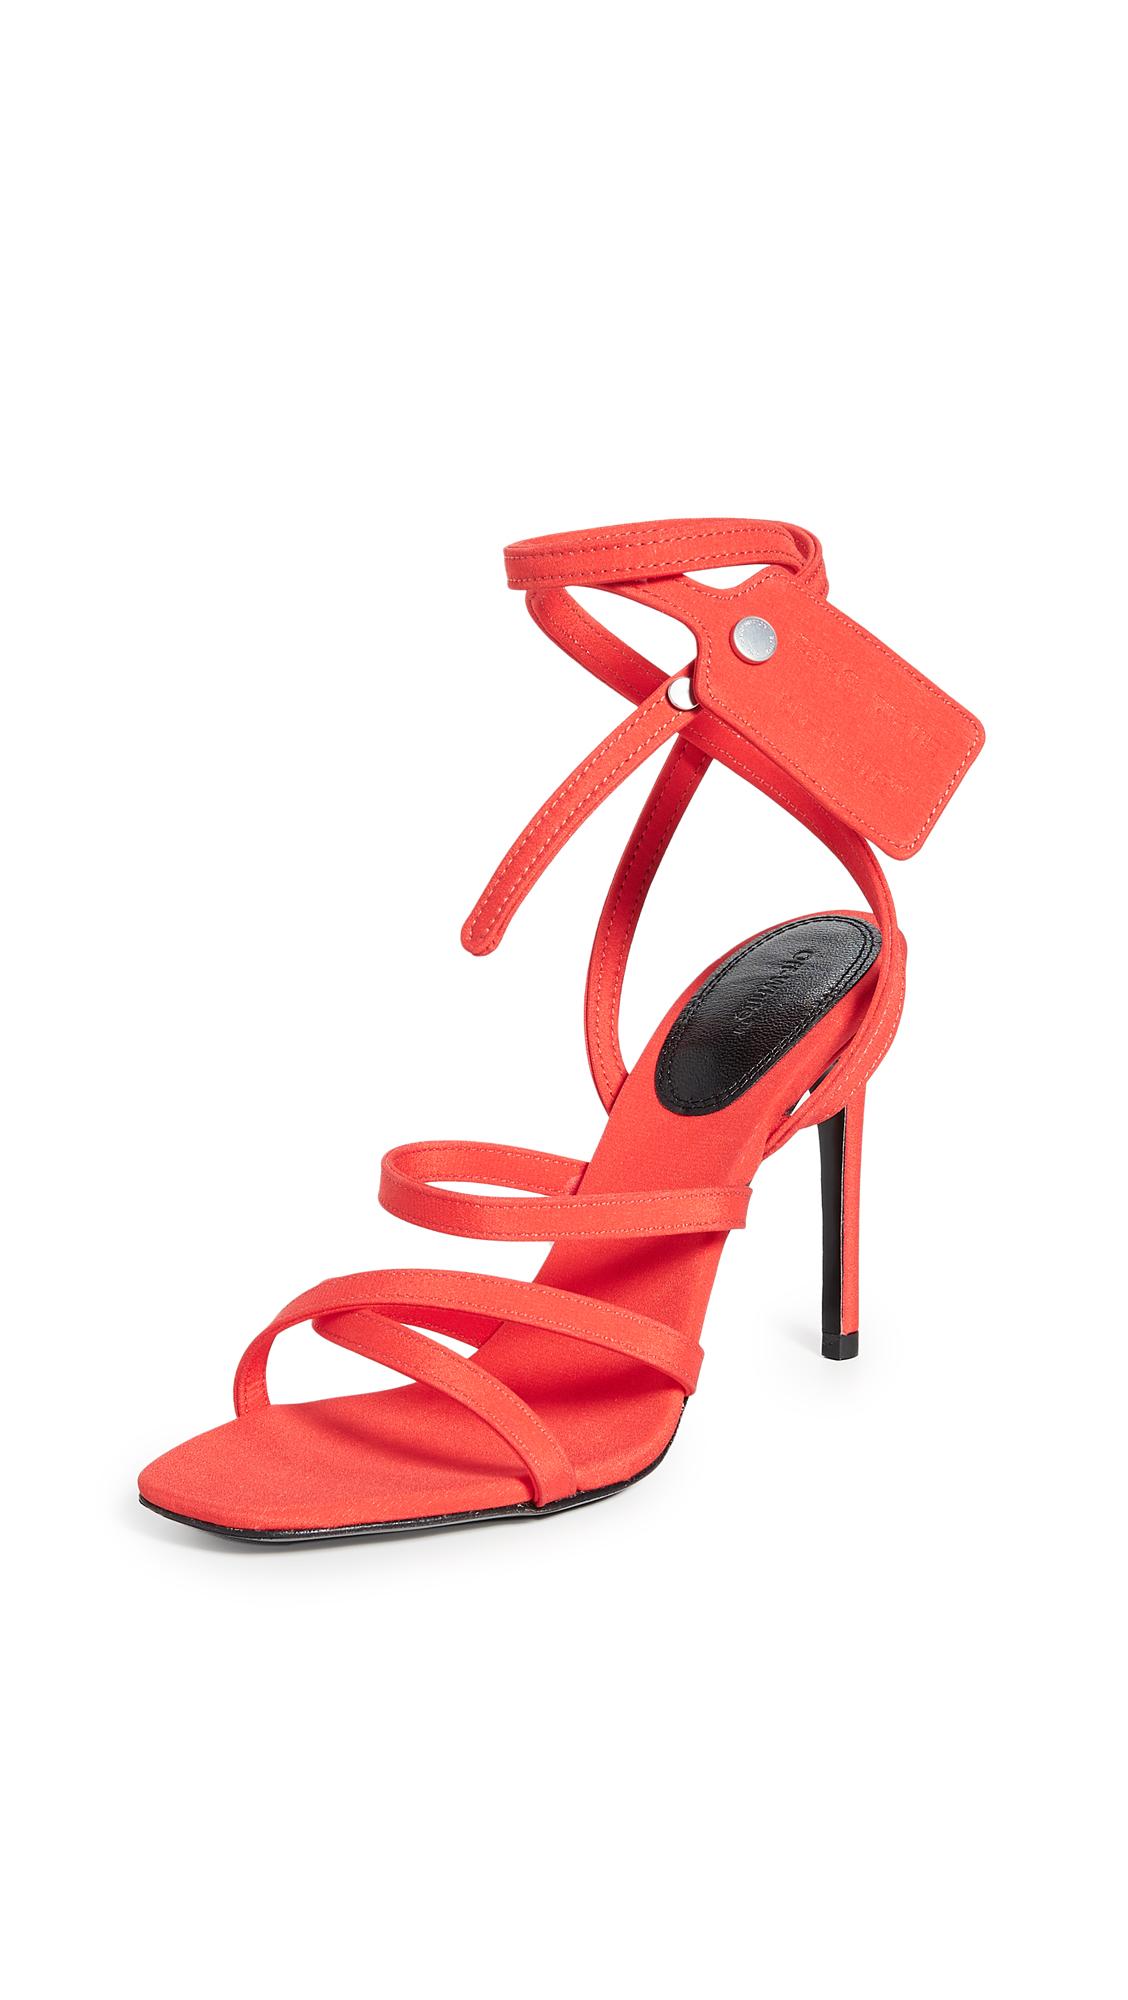 Off-White 100Mm Zip Tie Silk Satin Sandals In Orange